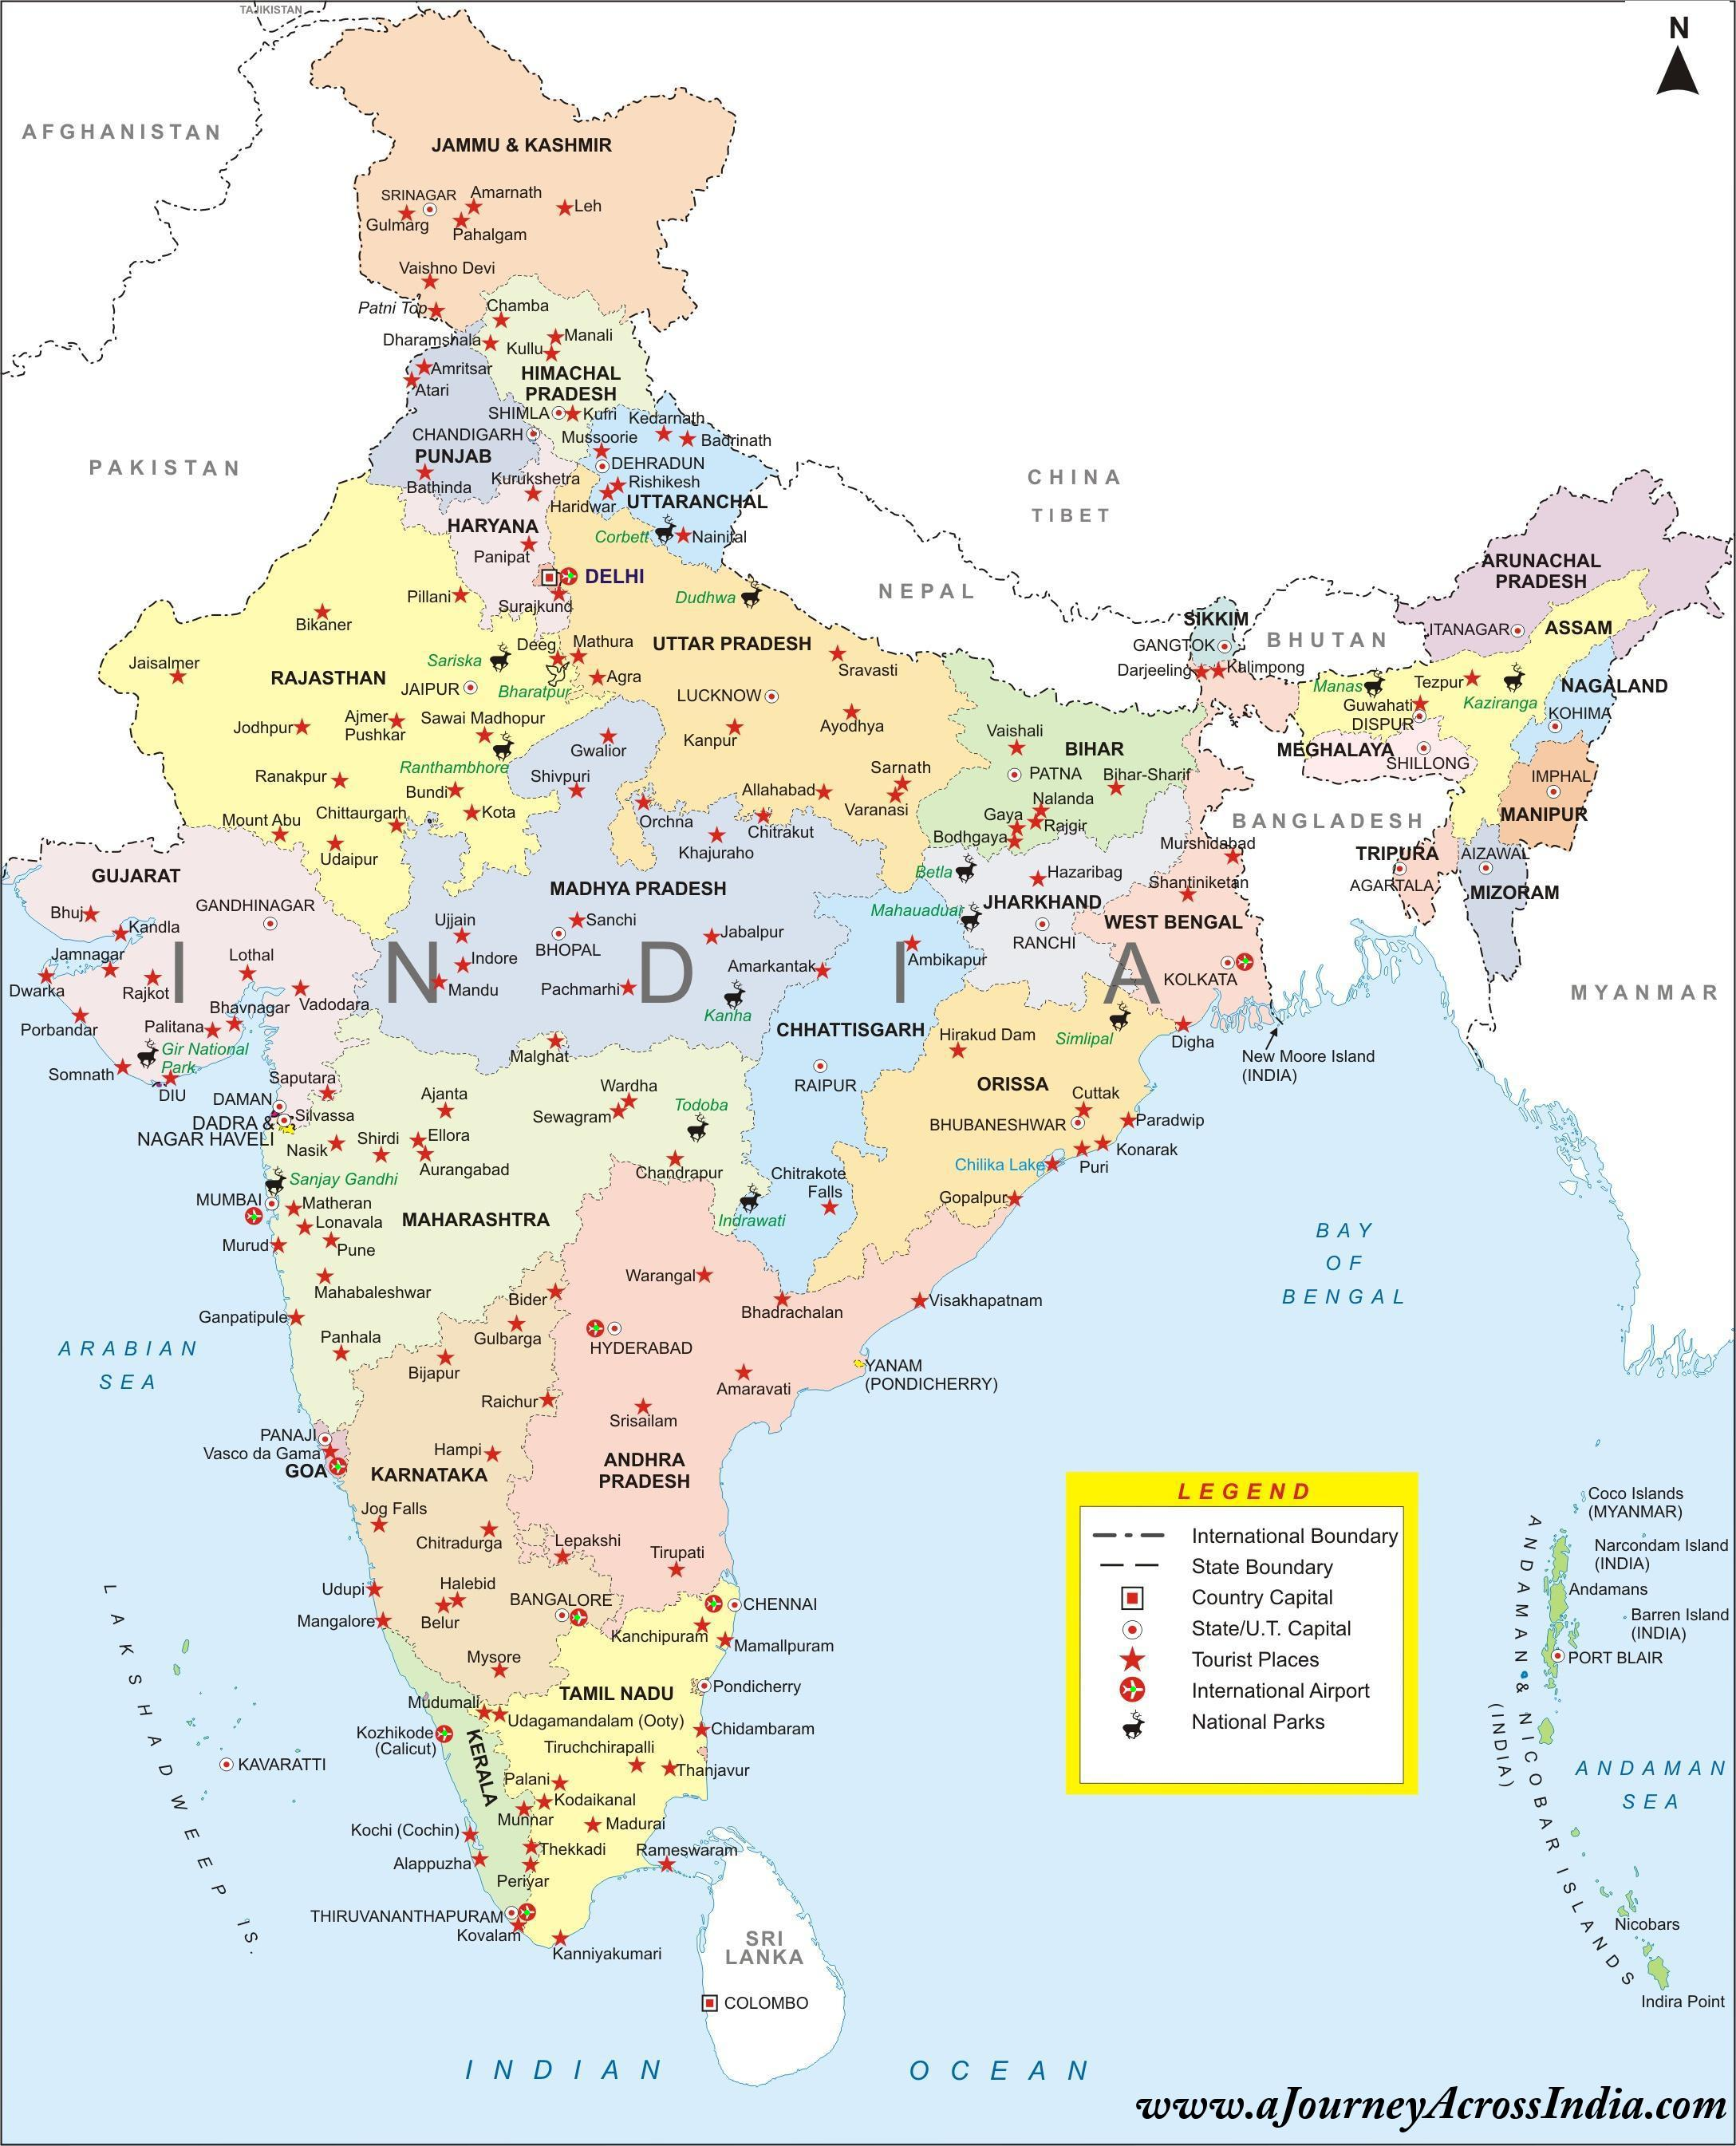 Intia Kartta Jossa Kaikki Kaupungit Kartta Intian Osavaltioissa